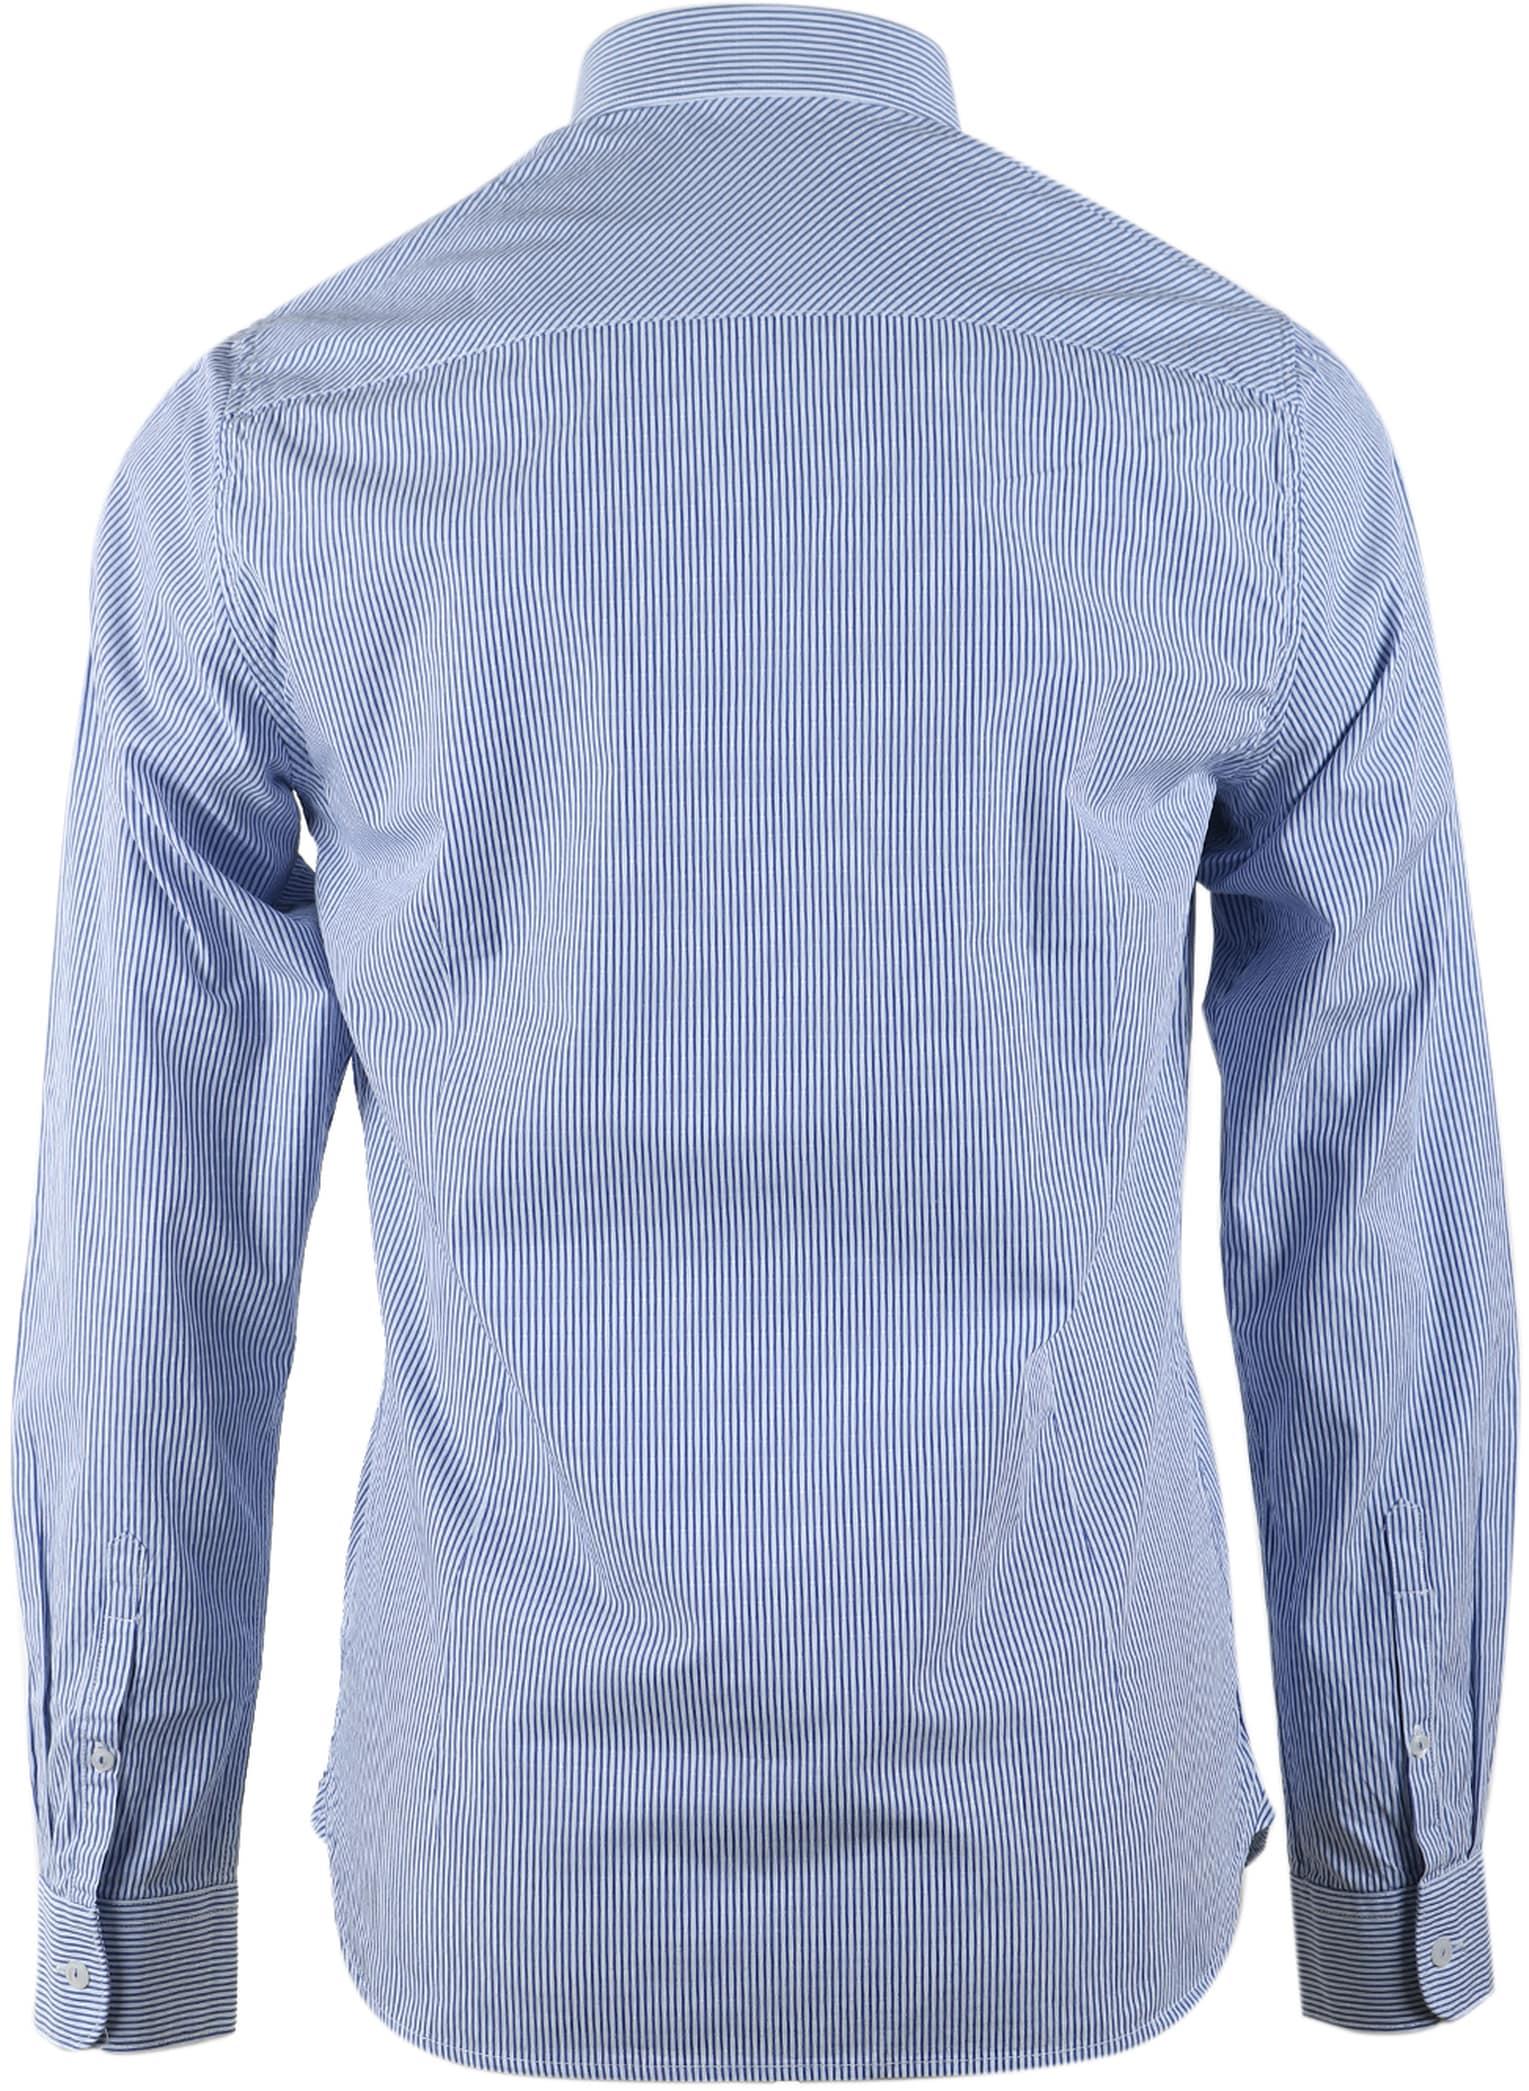 Dstrezzed Hemd Blau Streifen Foto 1